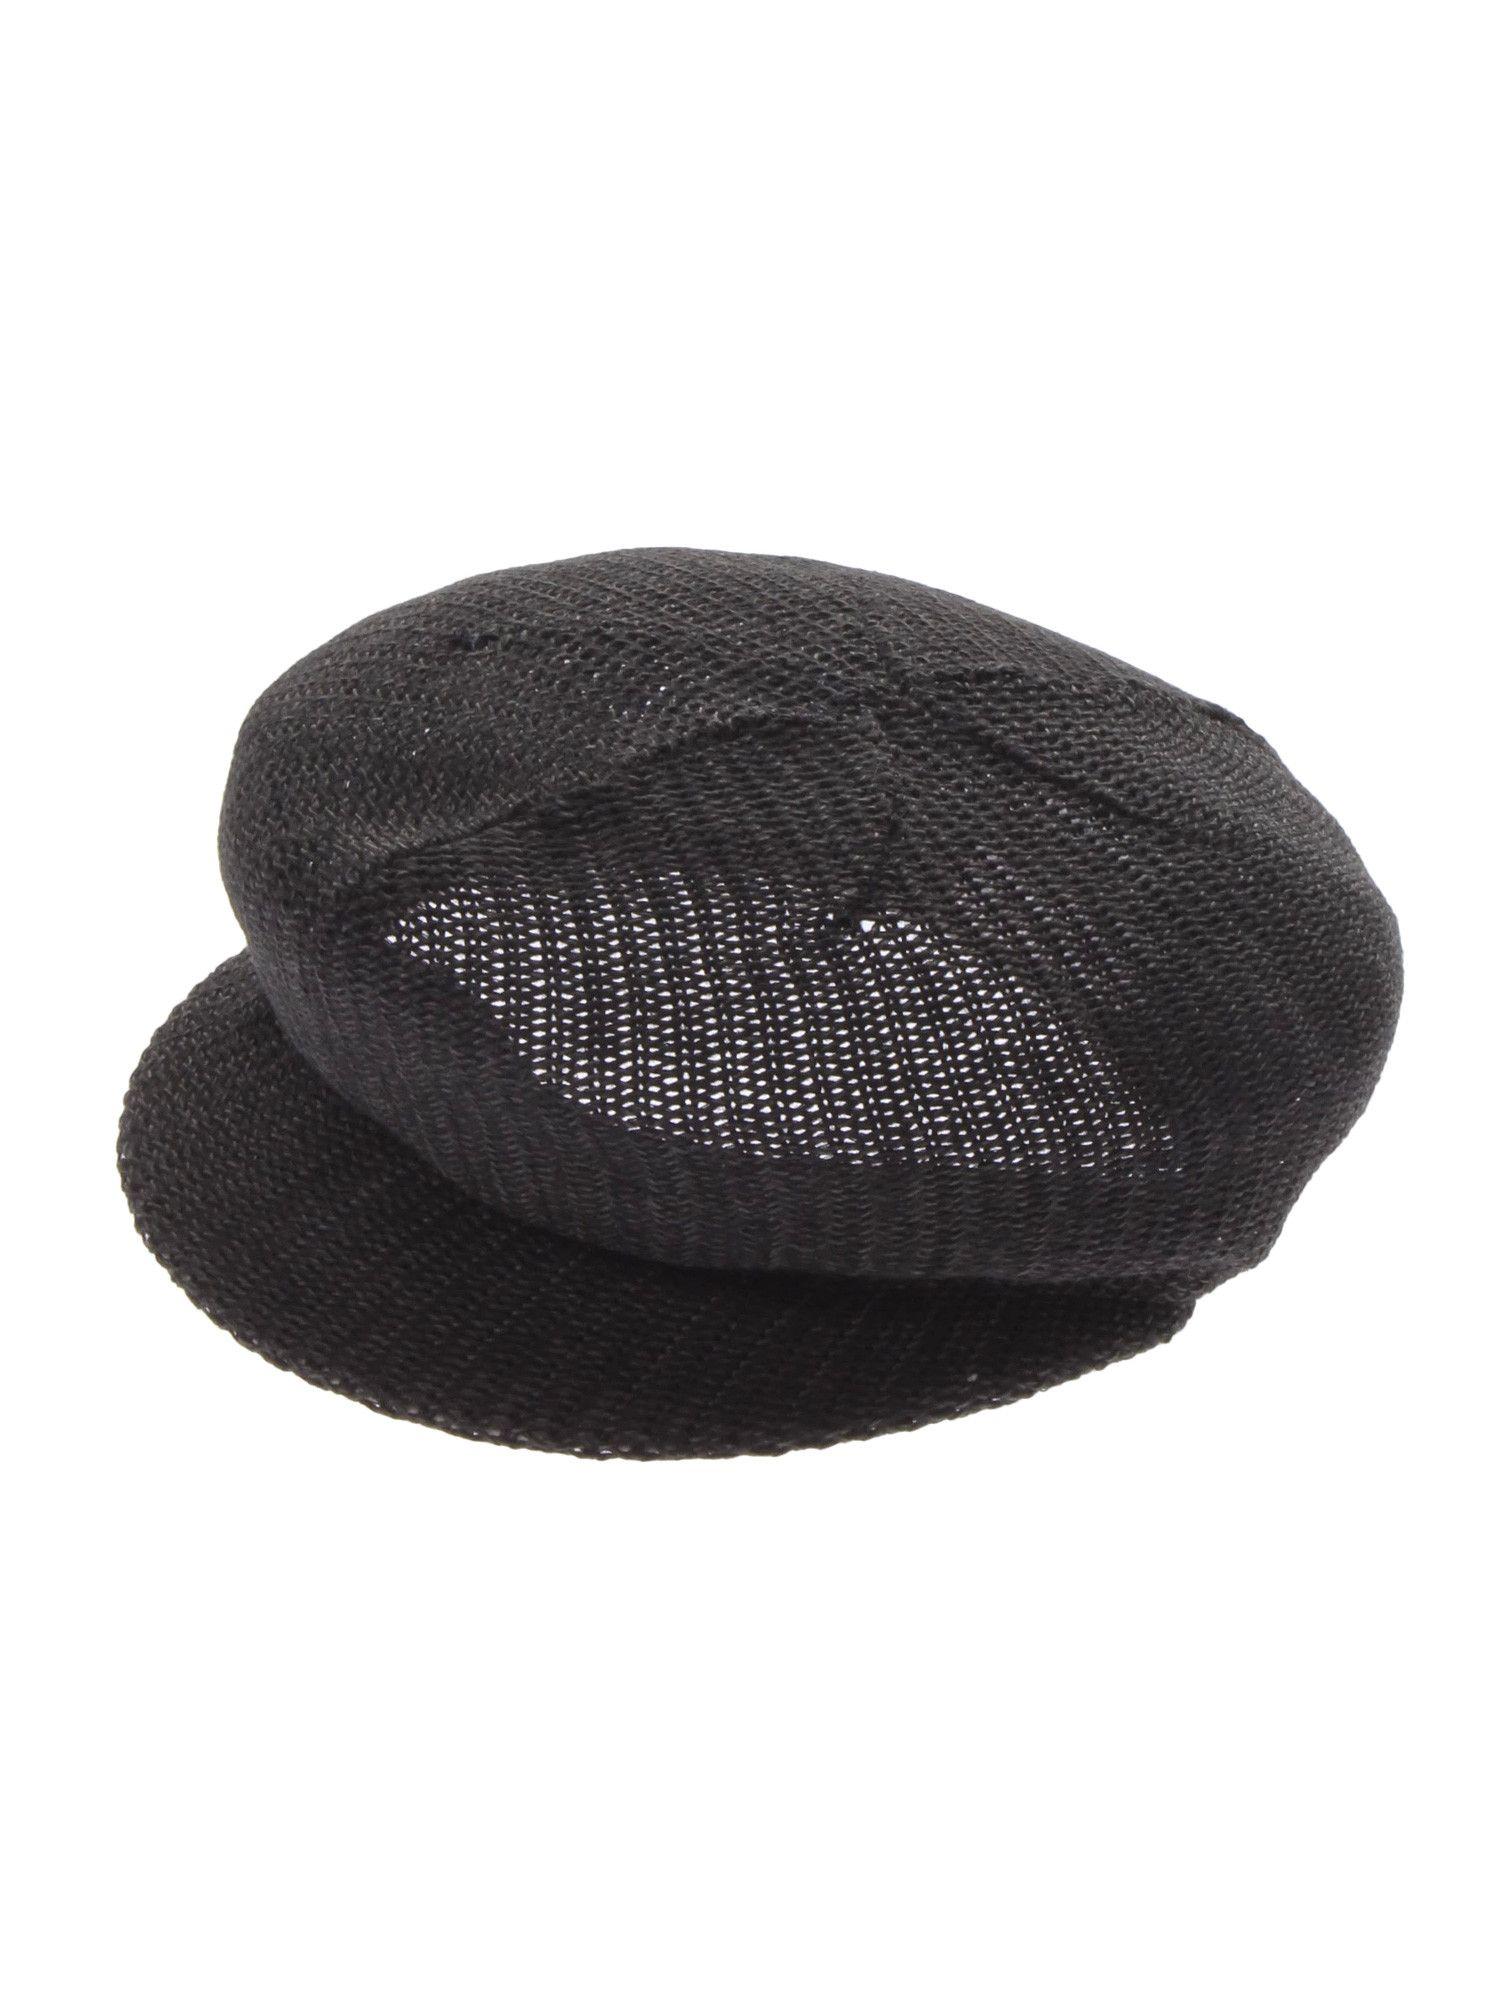 [商品]海洋帽棺材